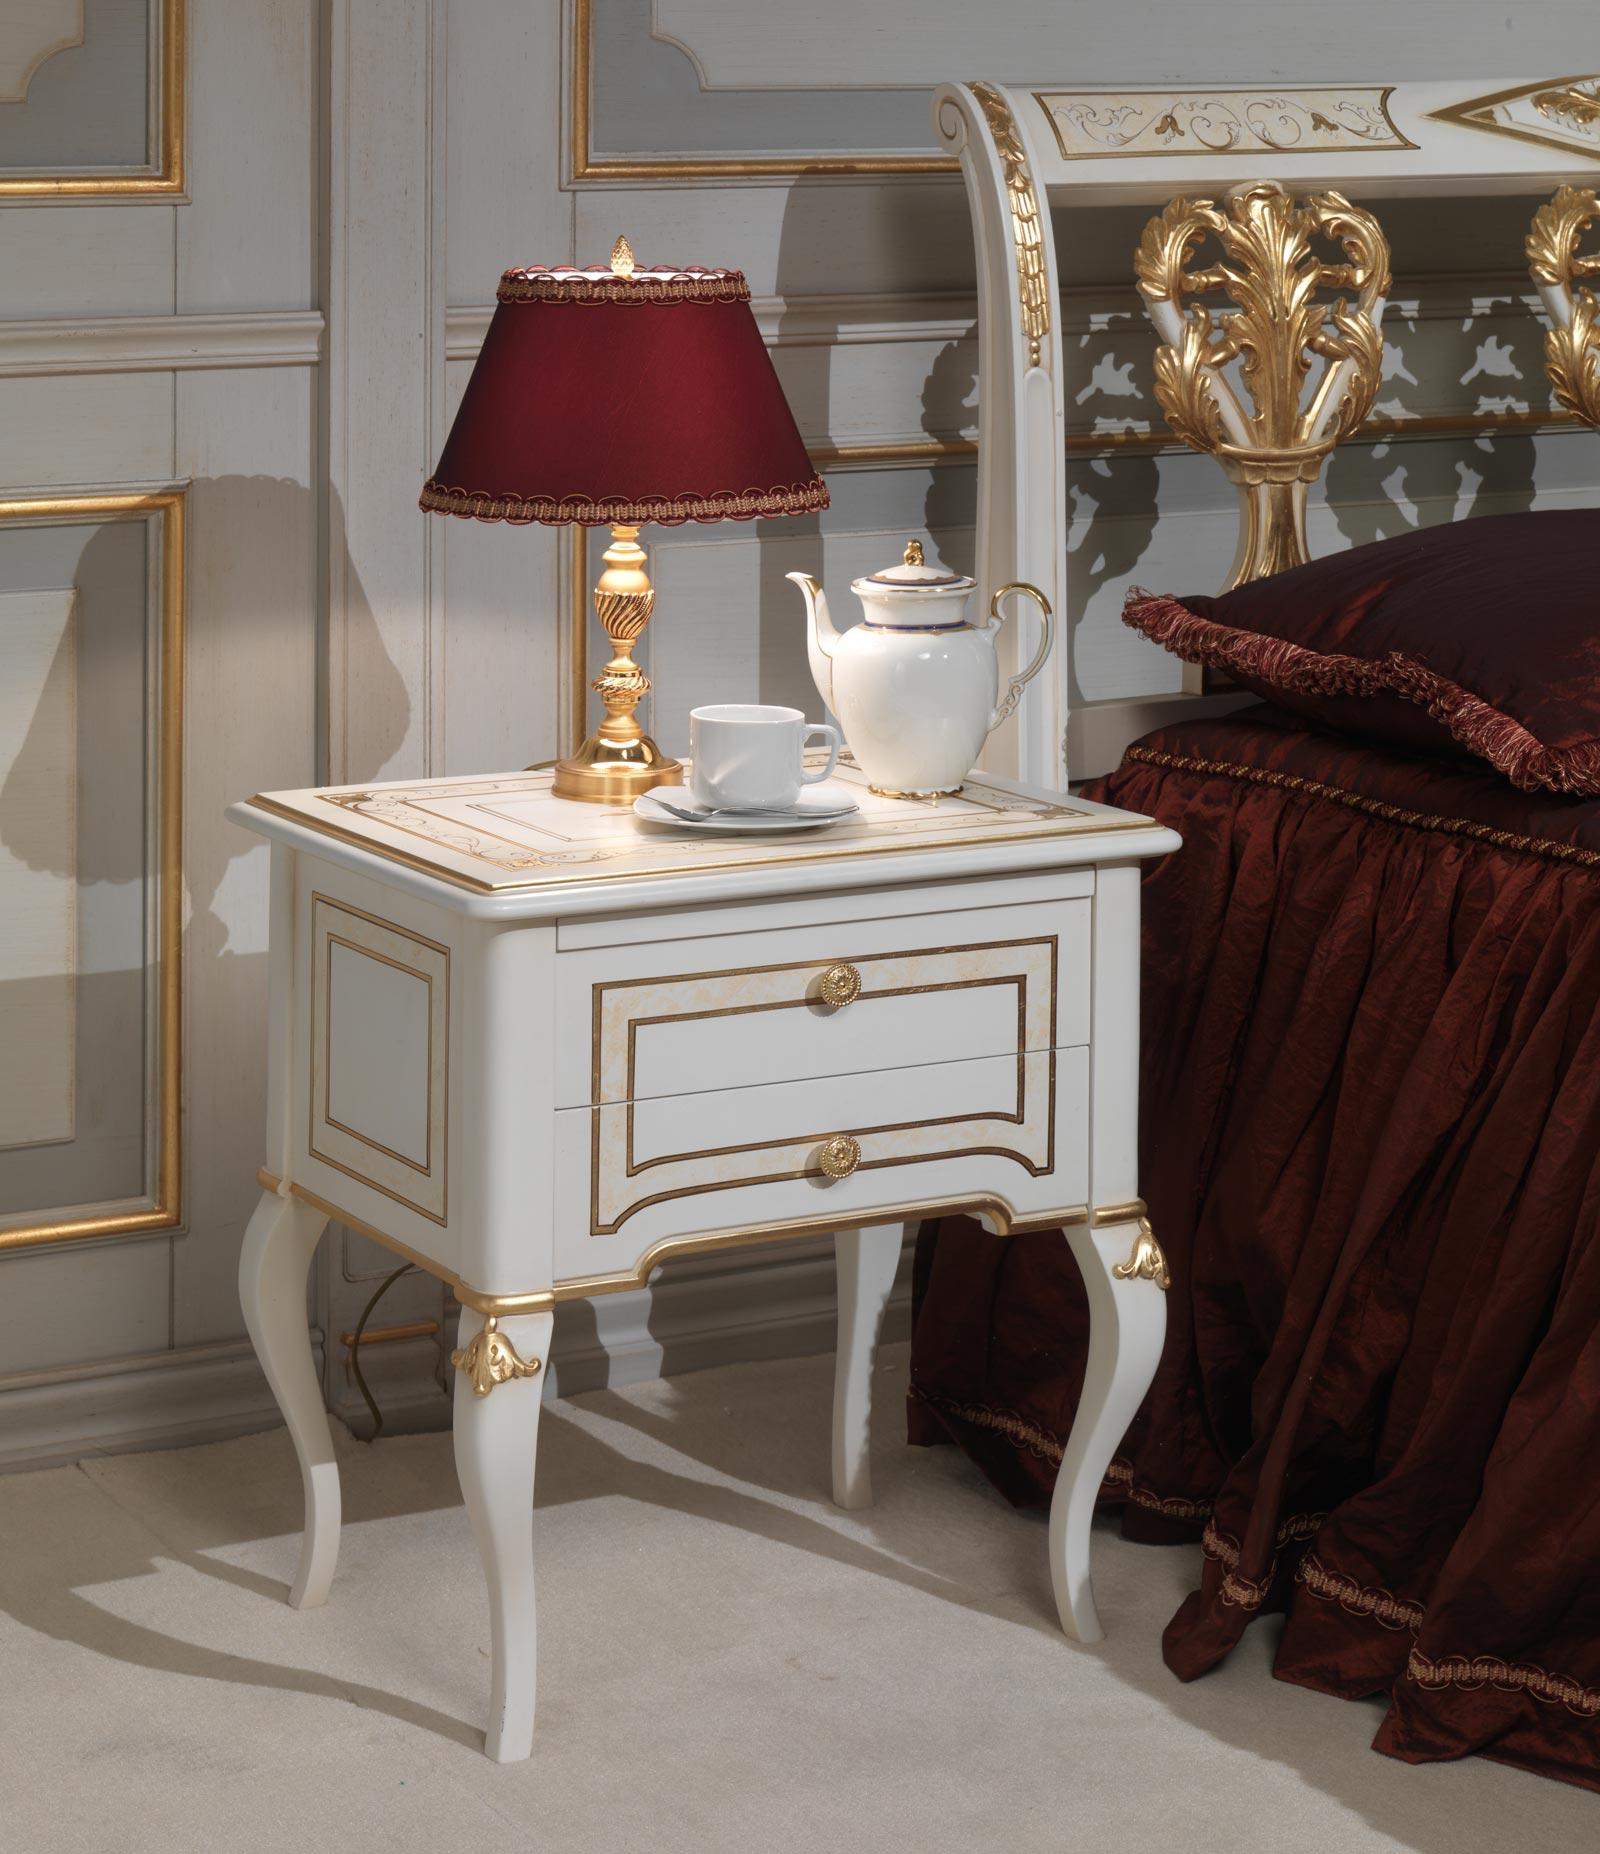 Camera da letto classica Rubens in stile 700 francese, comodino ...